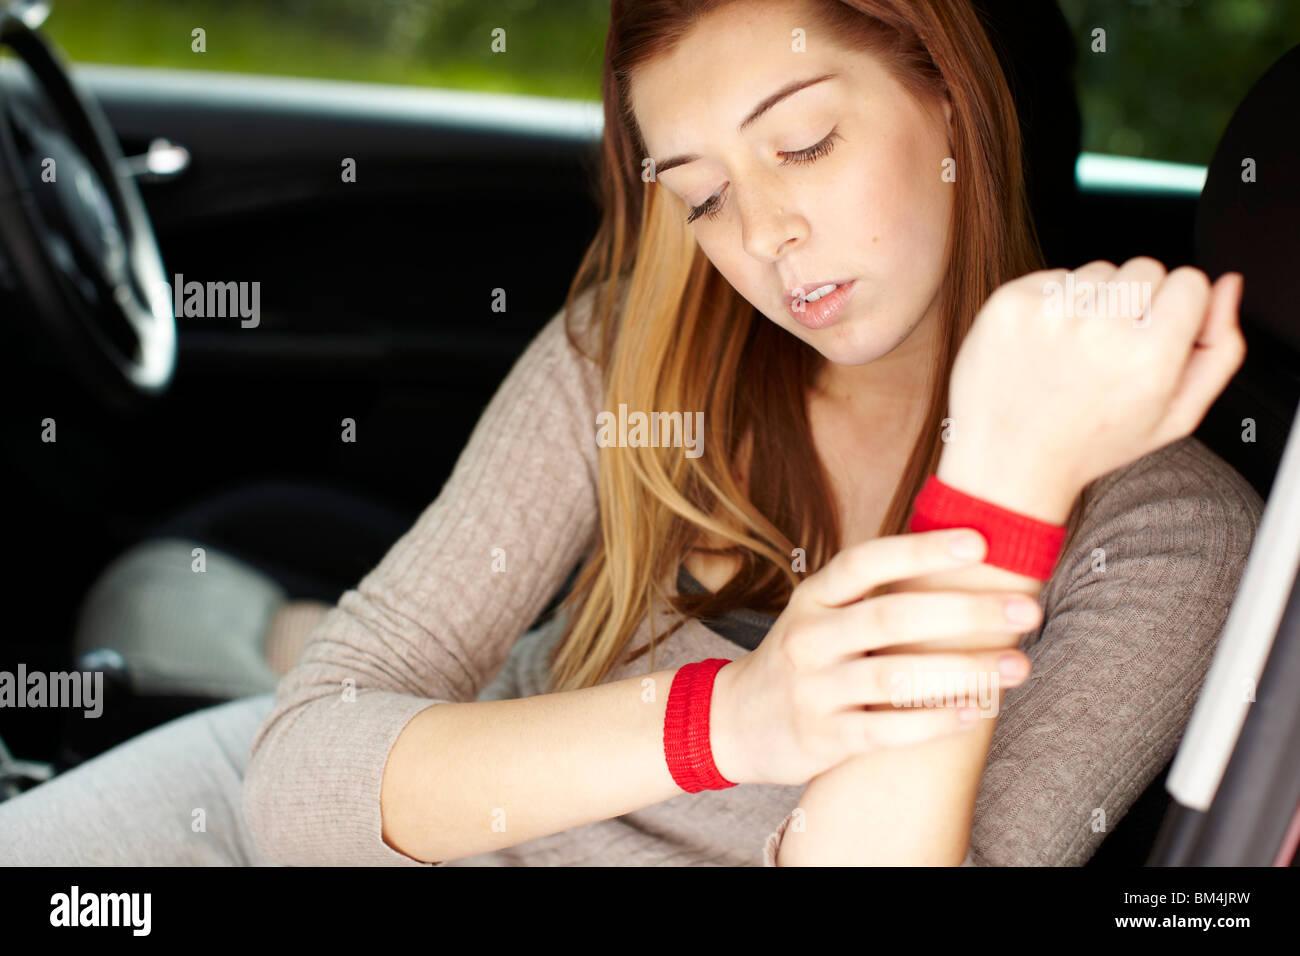 Girl wearing Seabands - Stock Image